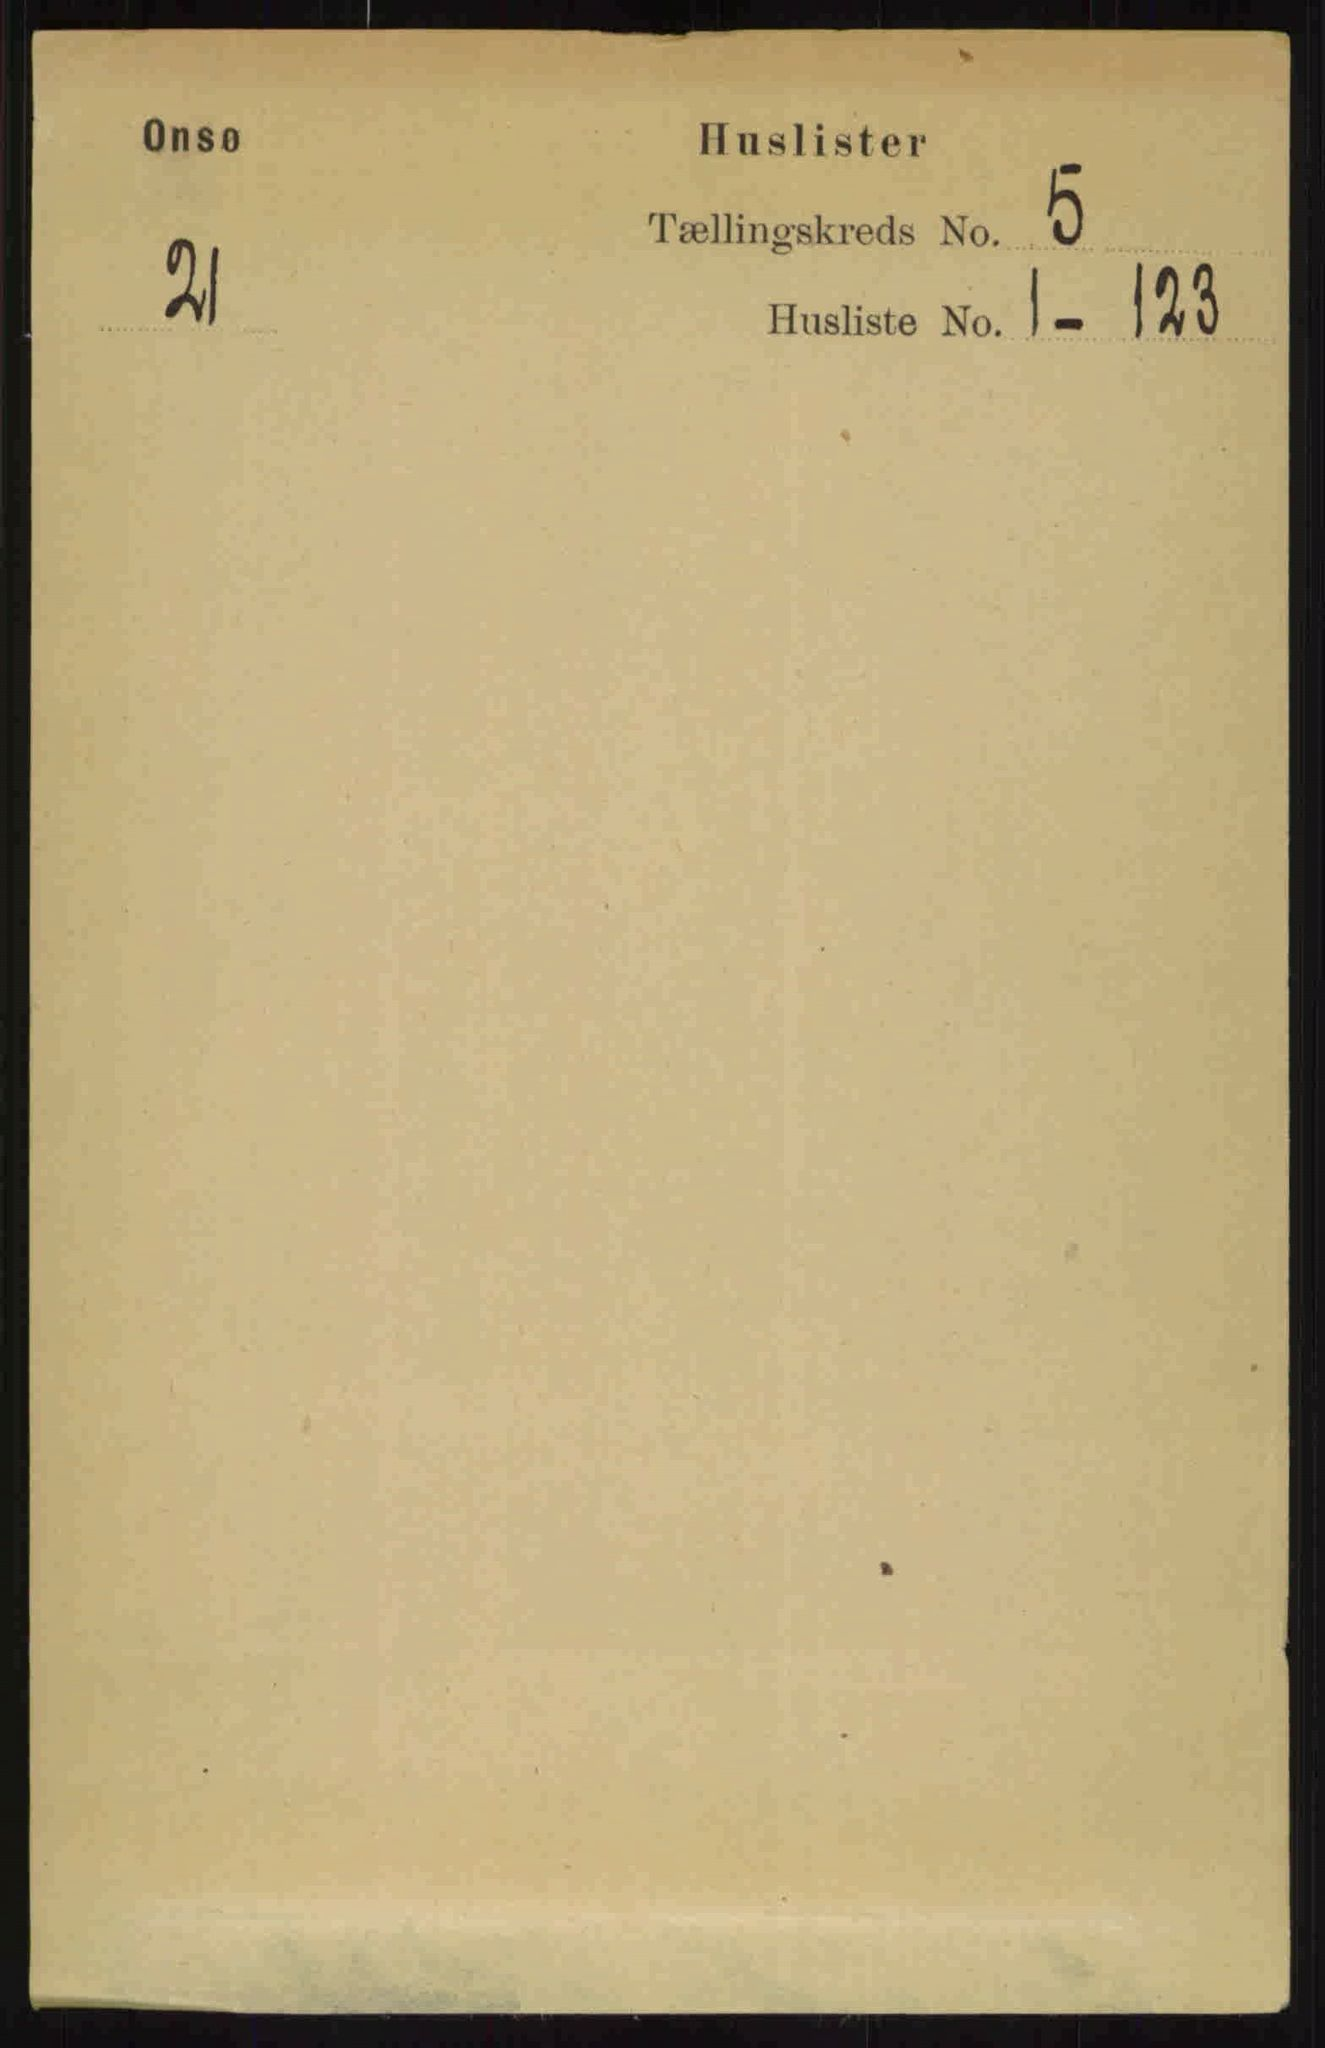 RA, Folketelling 1891 for 0134 Onsøy herred, 1891, s. 3703